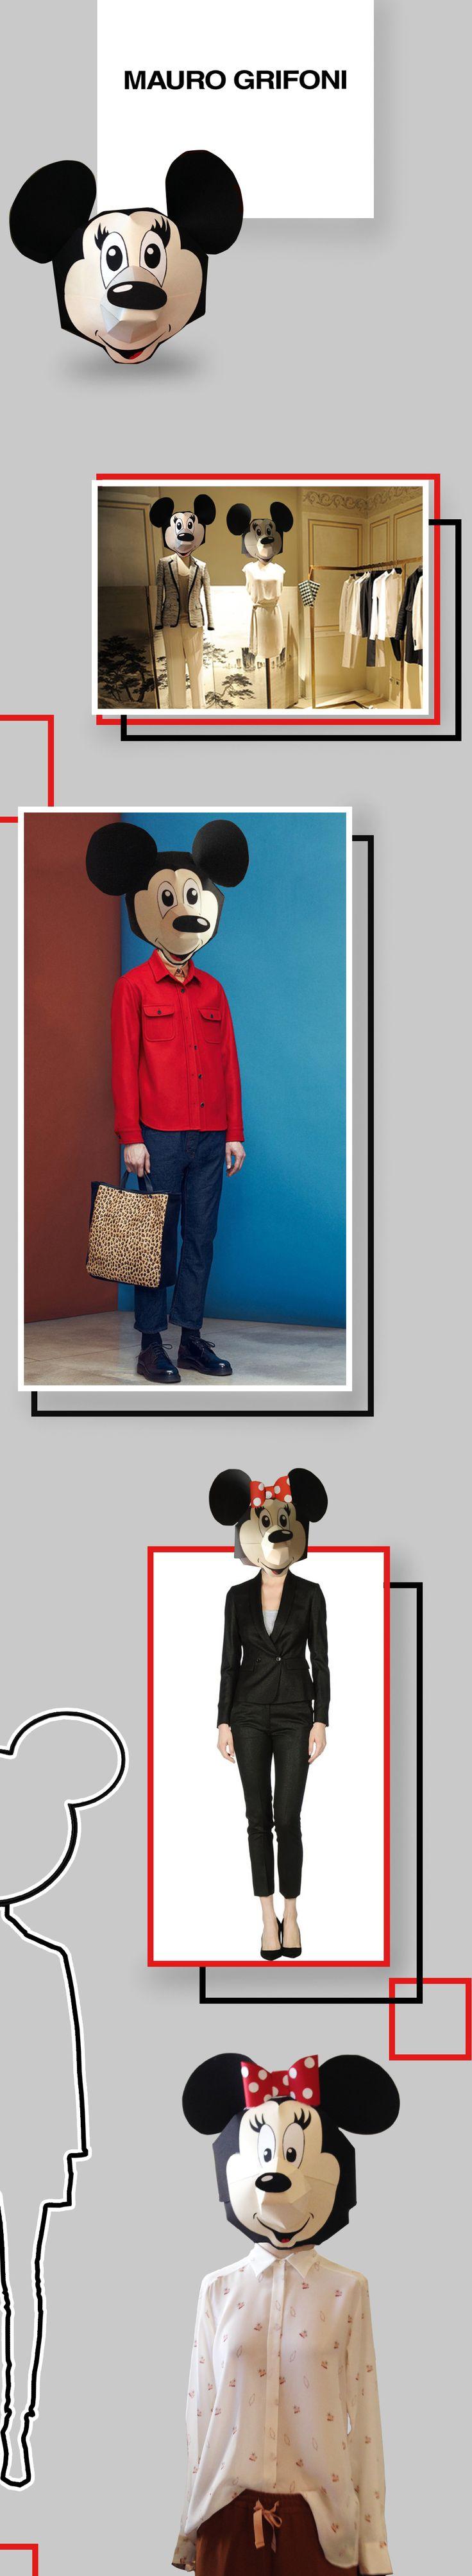 Бумажные головы для манекенов магазина итальянской одежды Mauro Grifoni